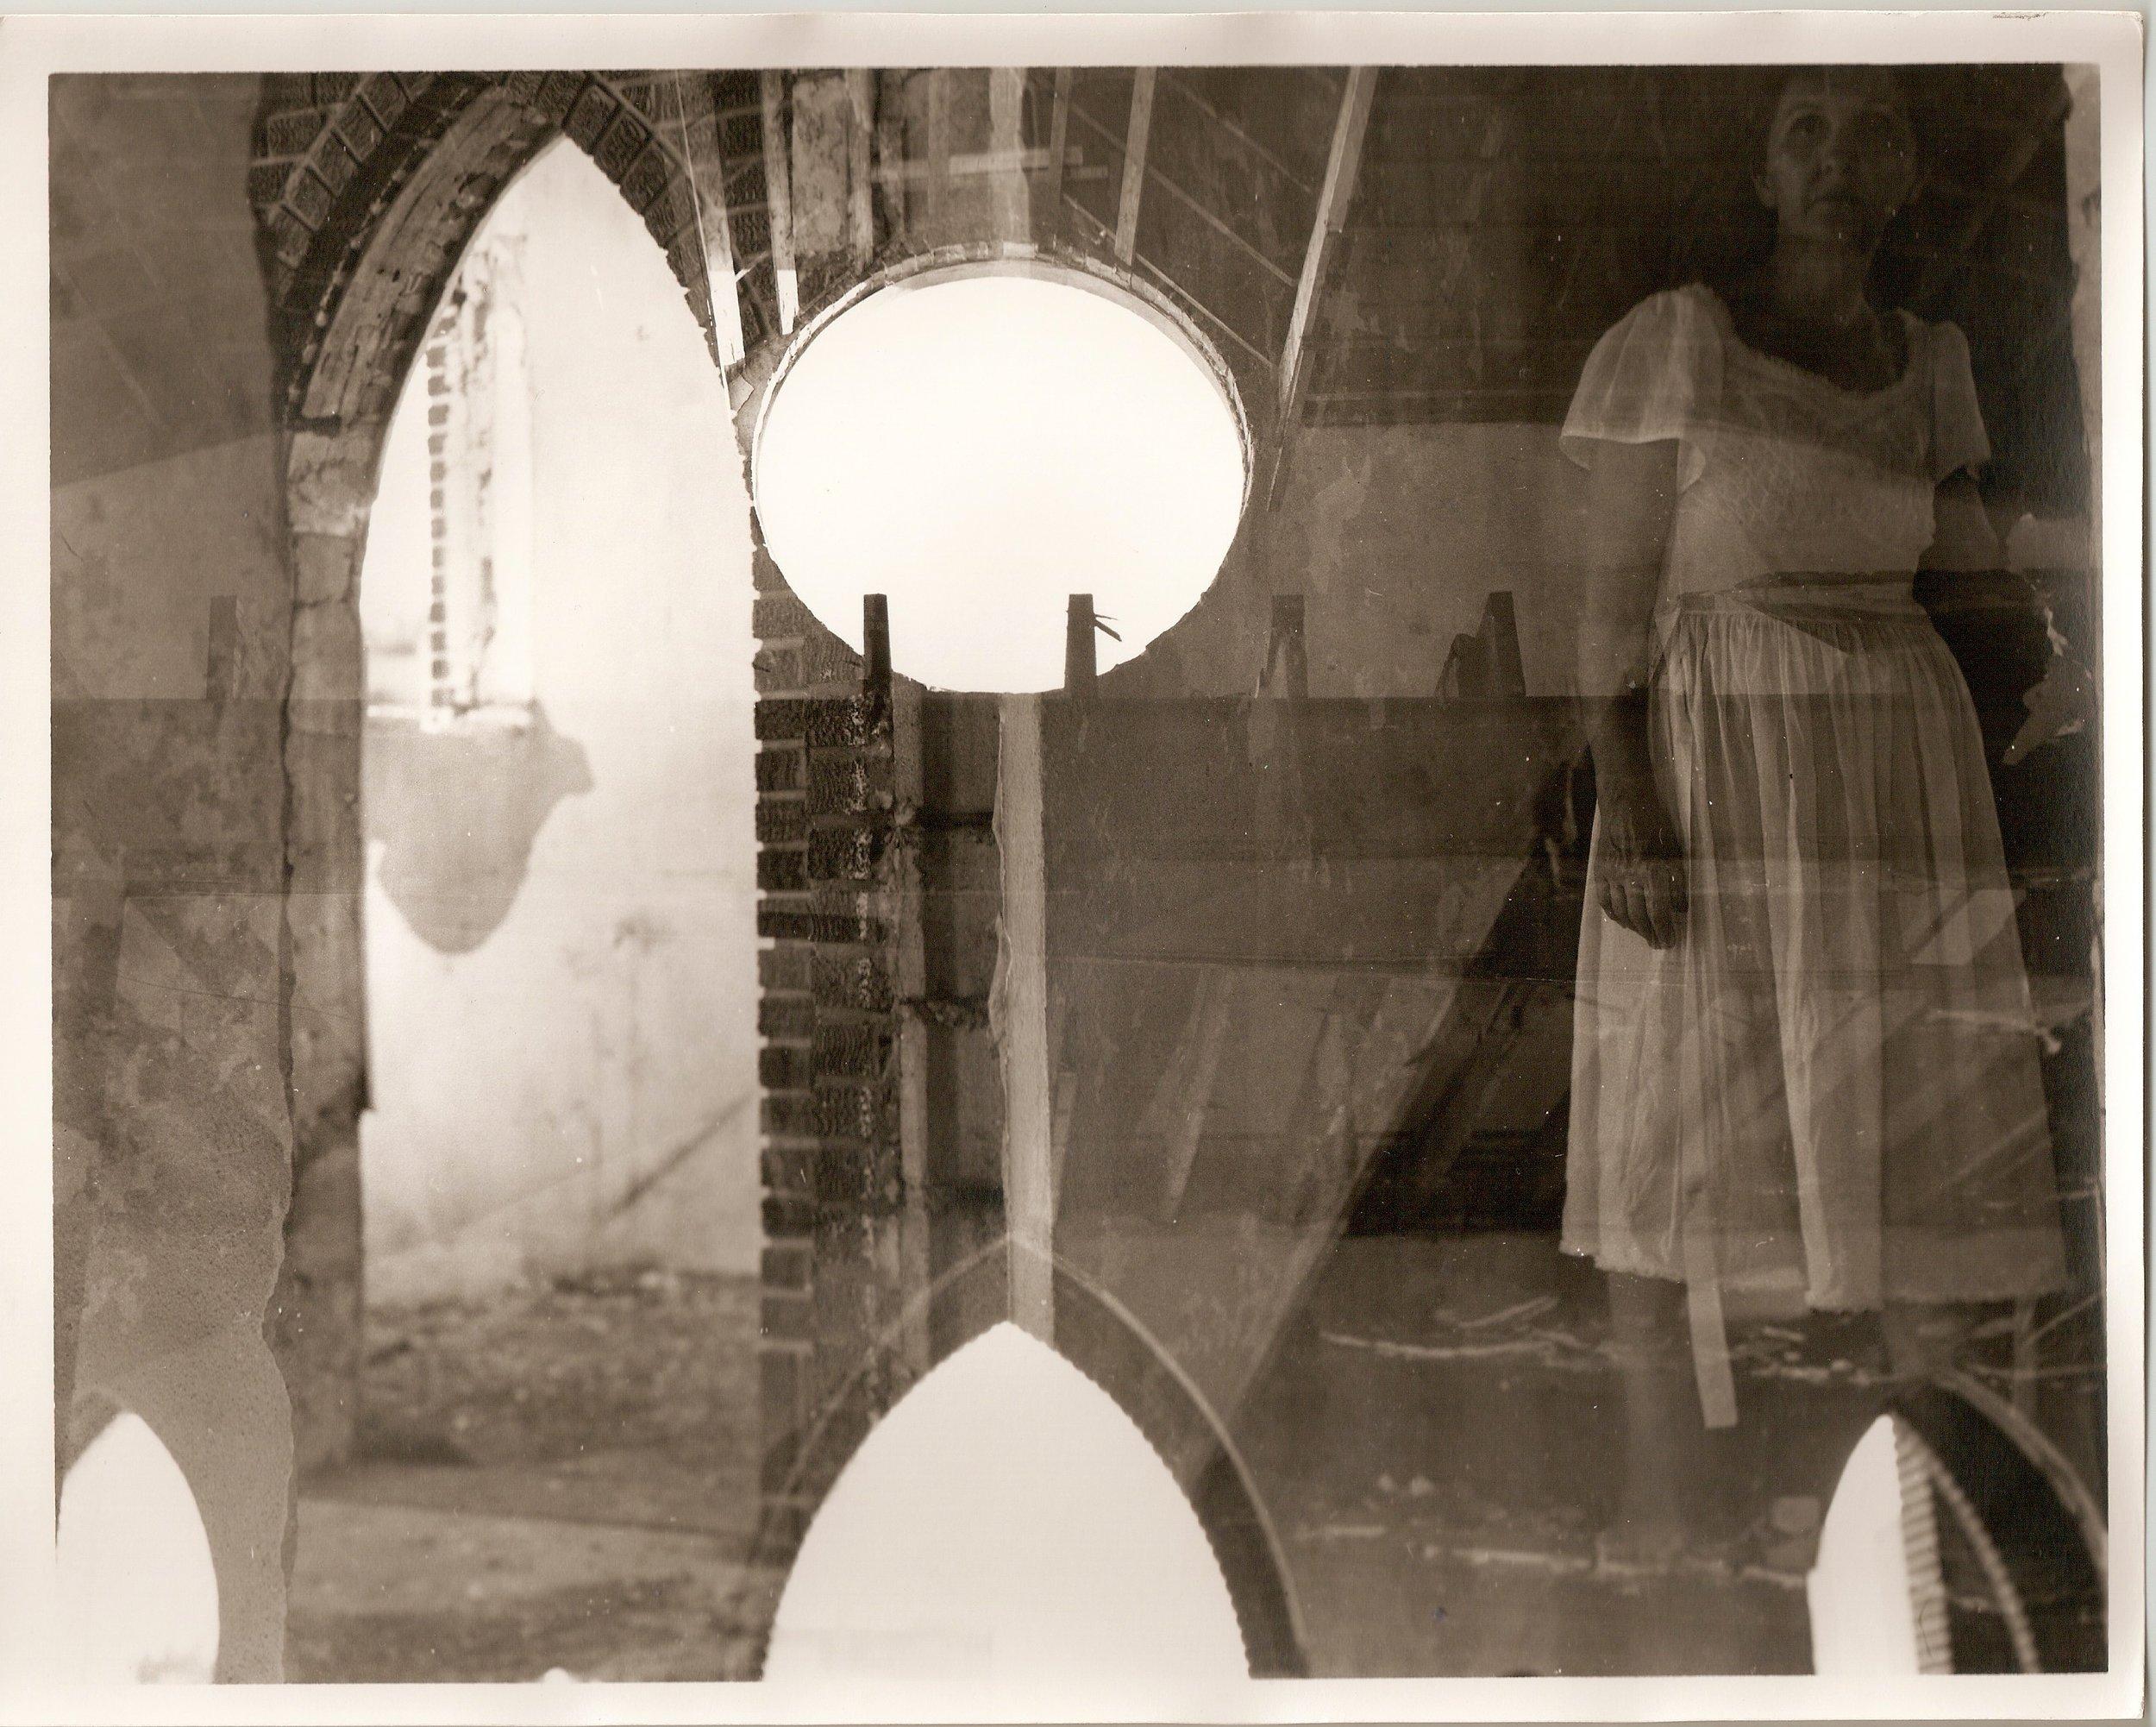 Loren Ellis Mother ghost  in Florida Church 1 of 5 8 by 10 1981.jpg